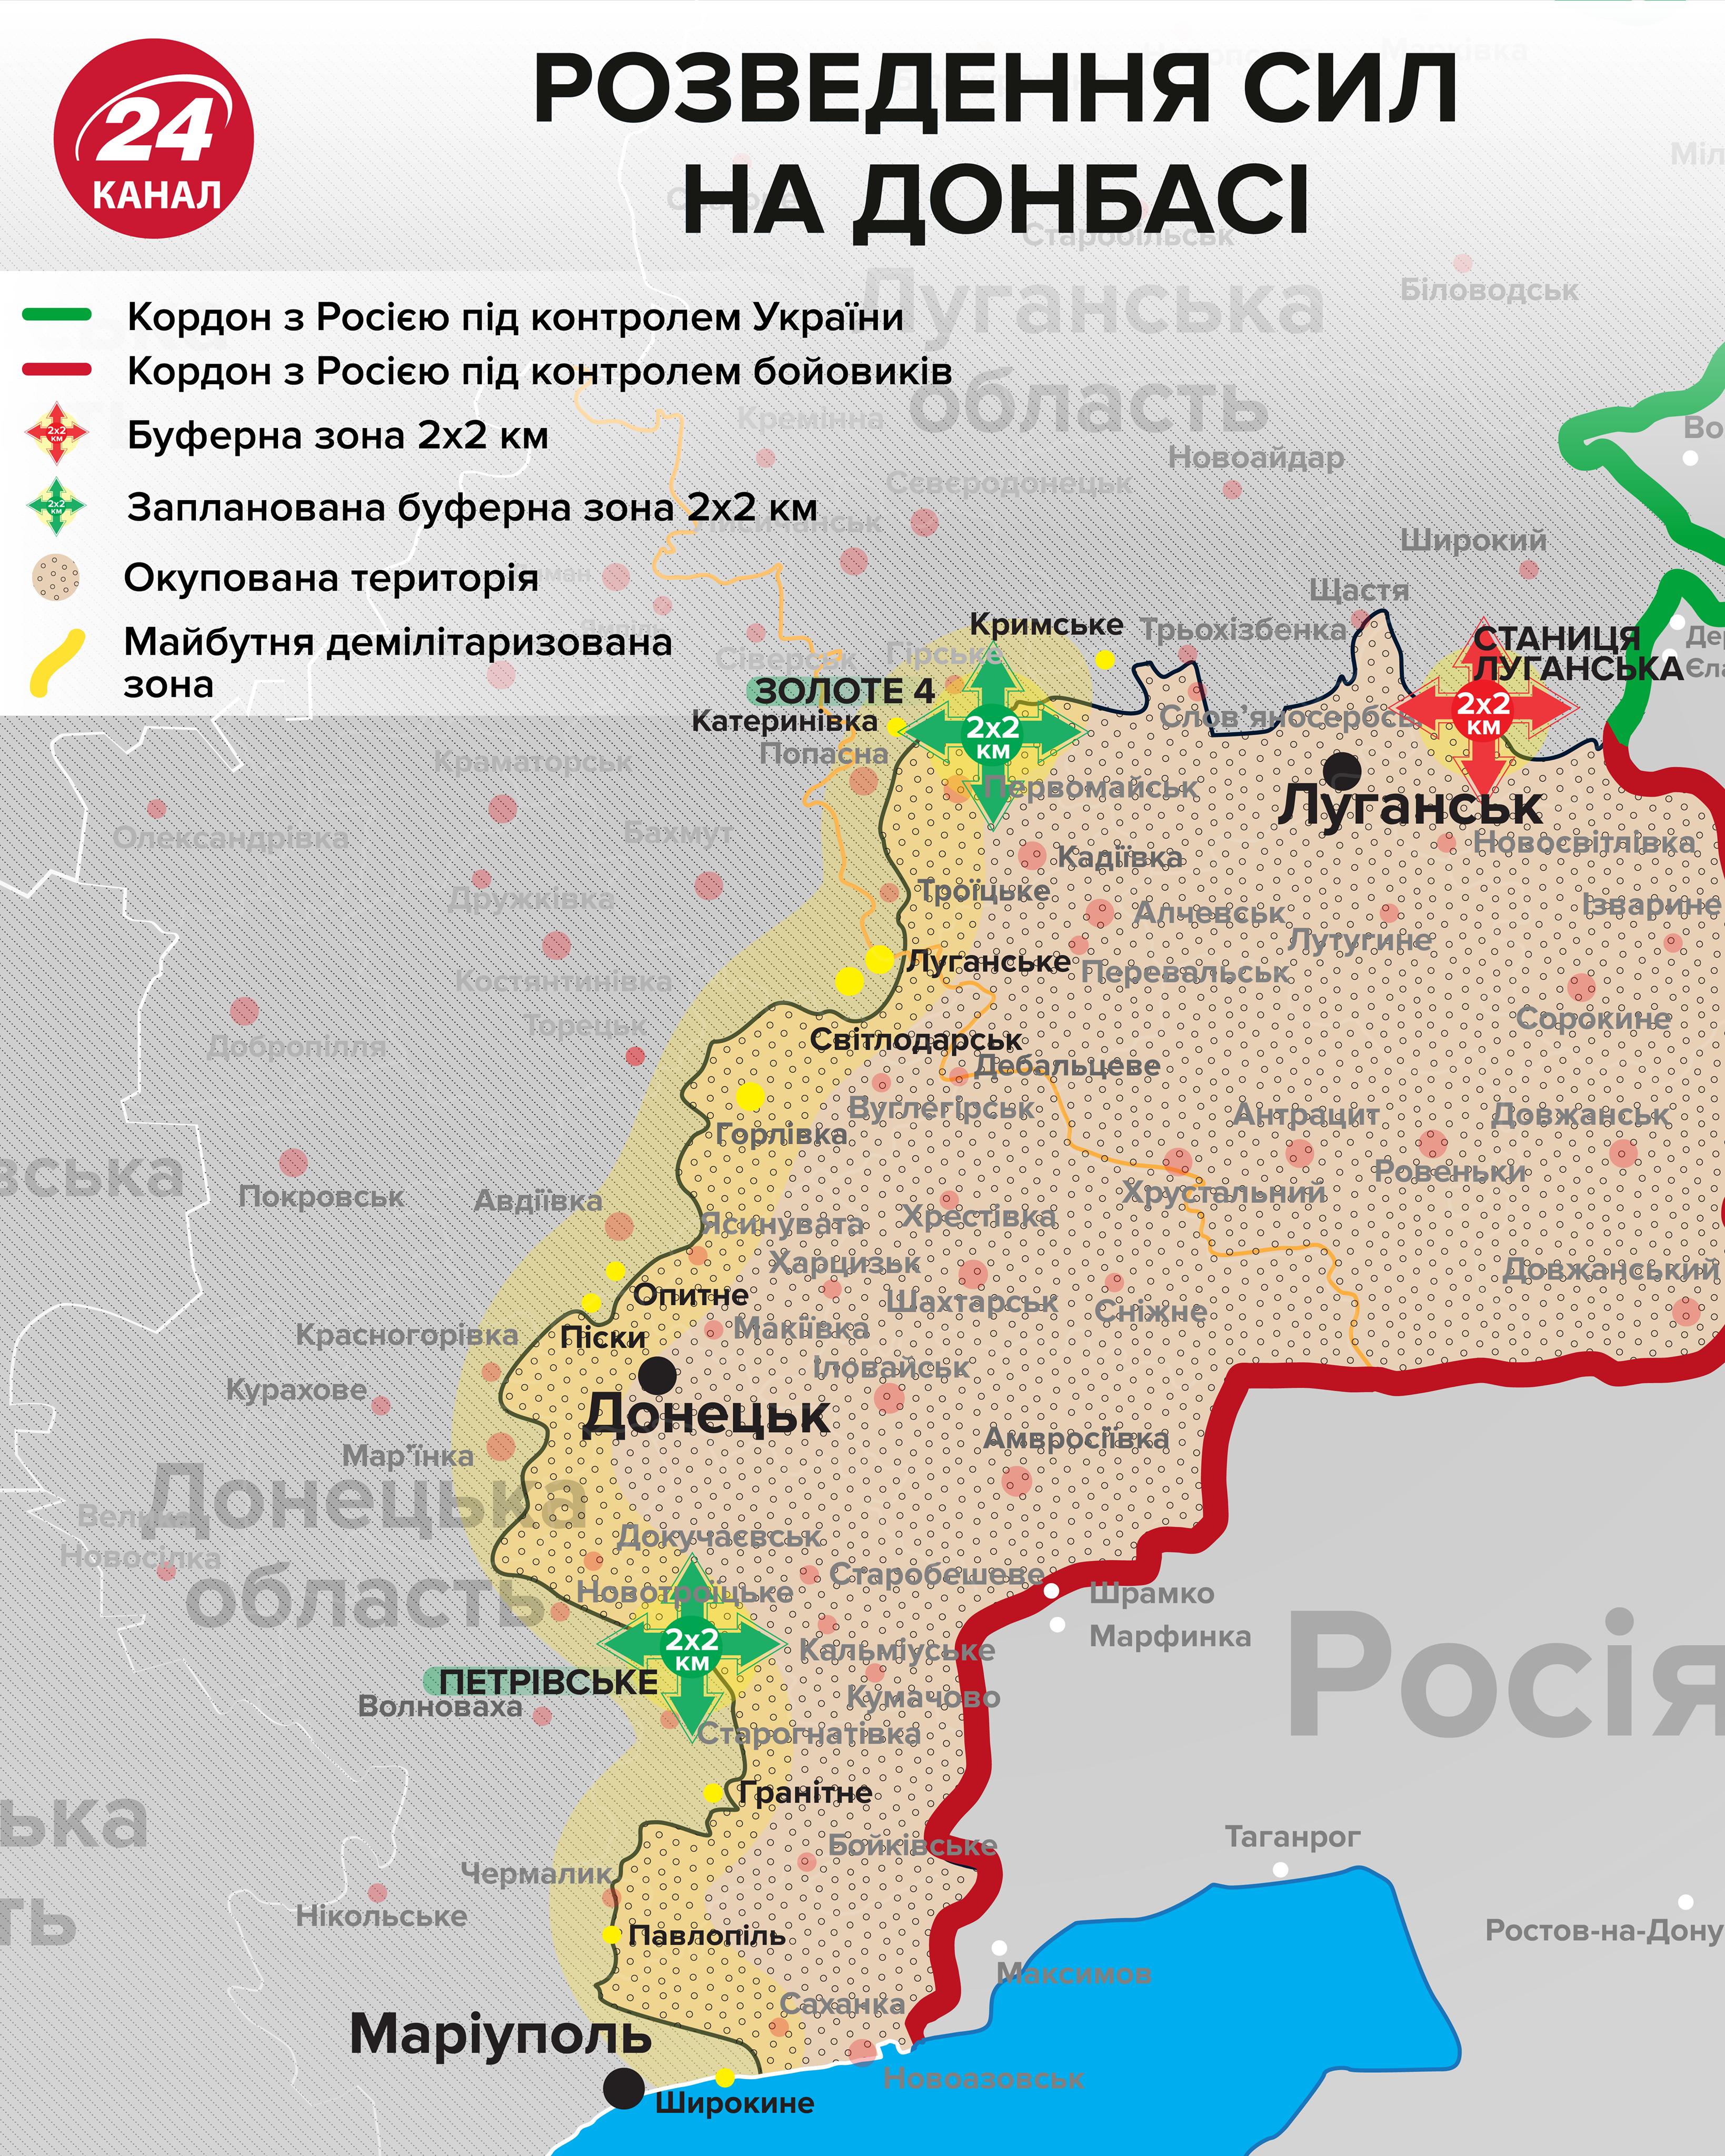 карта розведення військ на Донбасі розведення сил Золоте Петрівське мапа